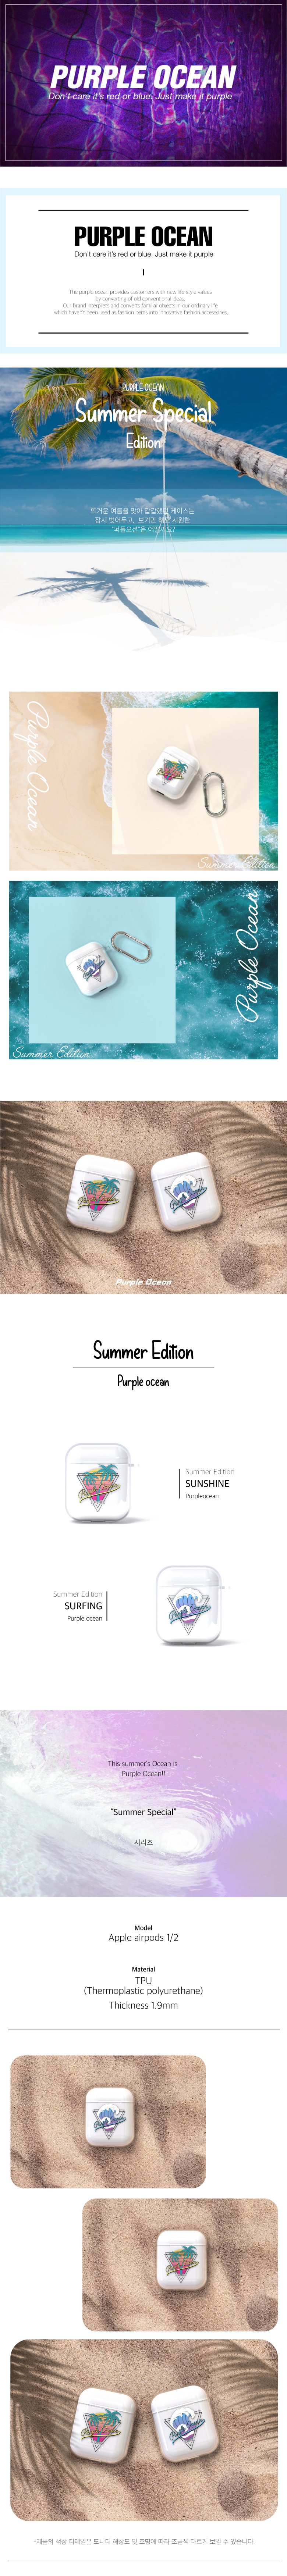 퍼플오션(PURPLEOCEAN) Summer edition 에어팟 1 2케이스